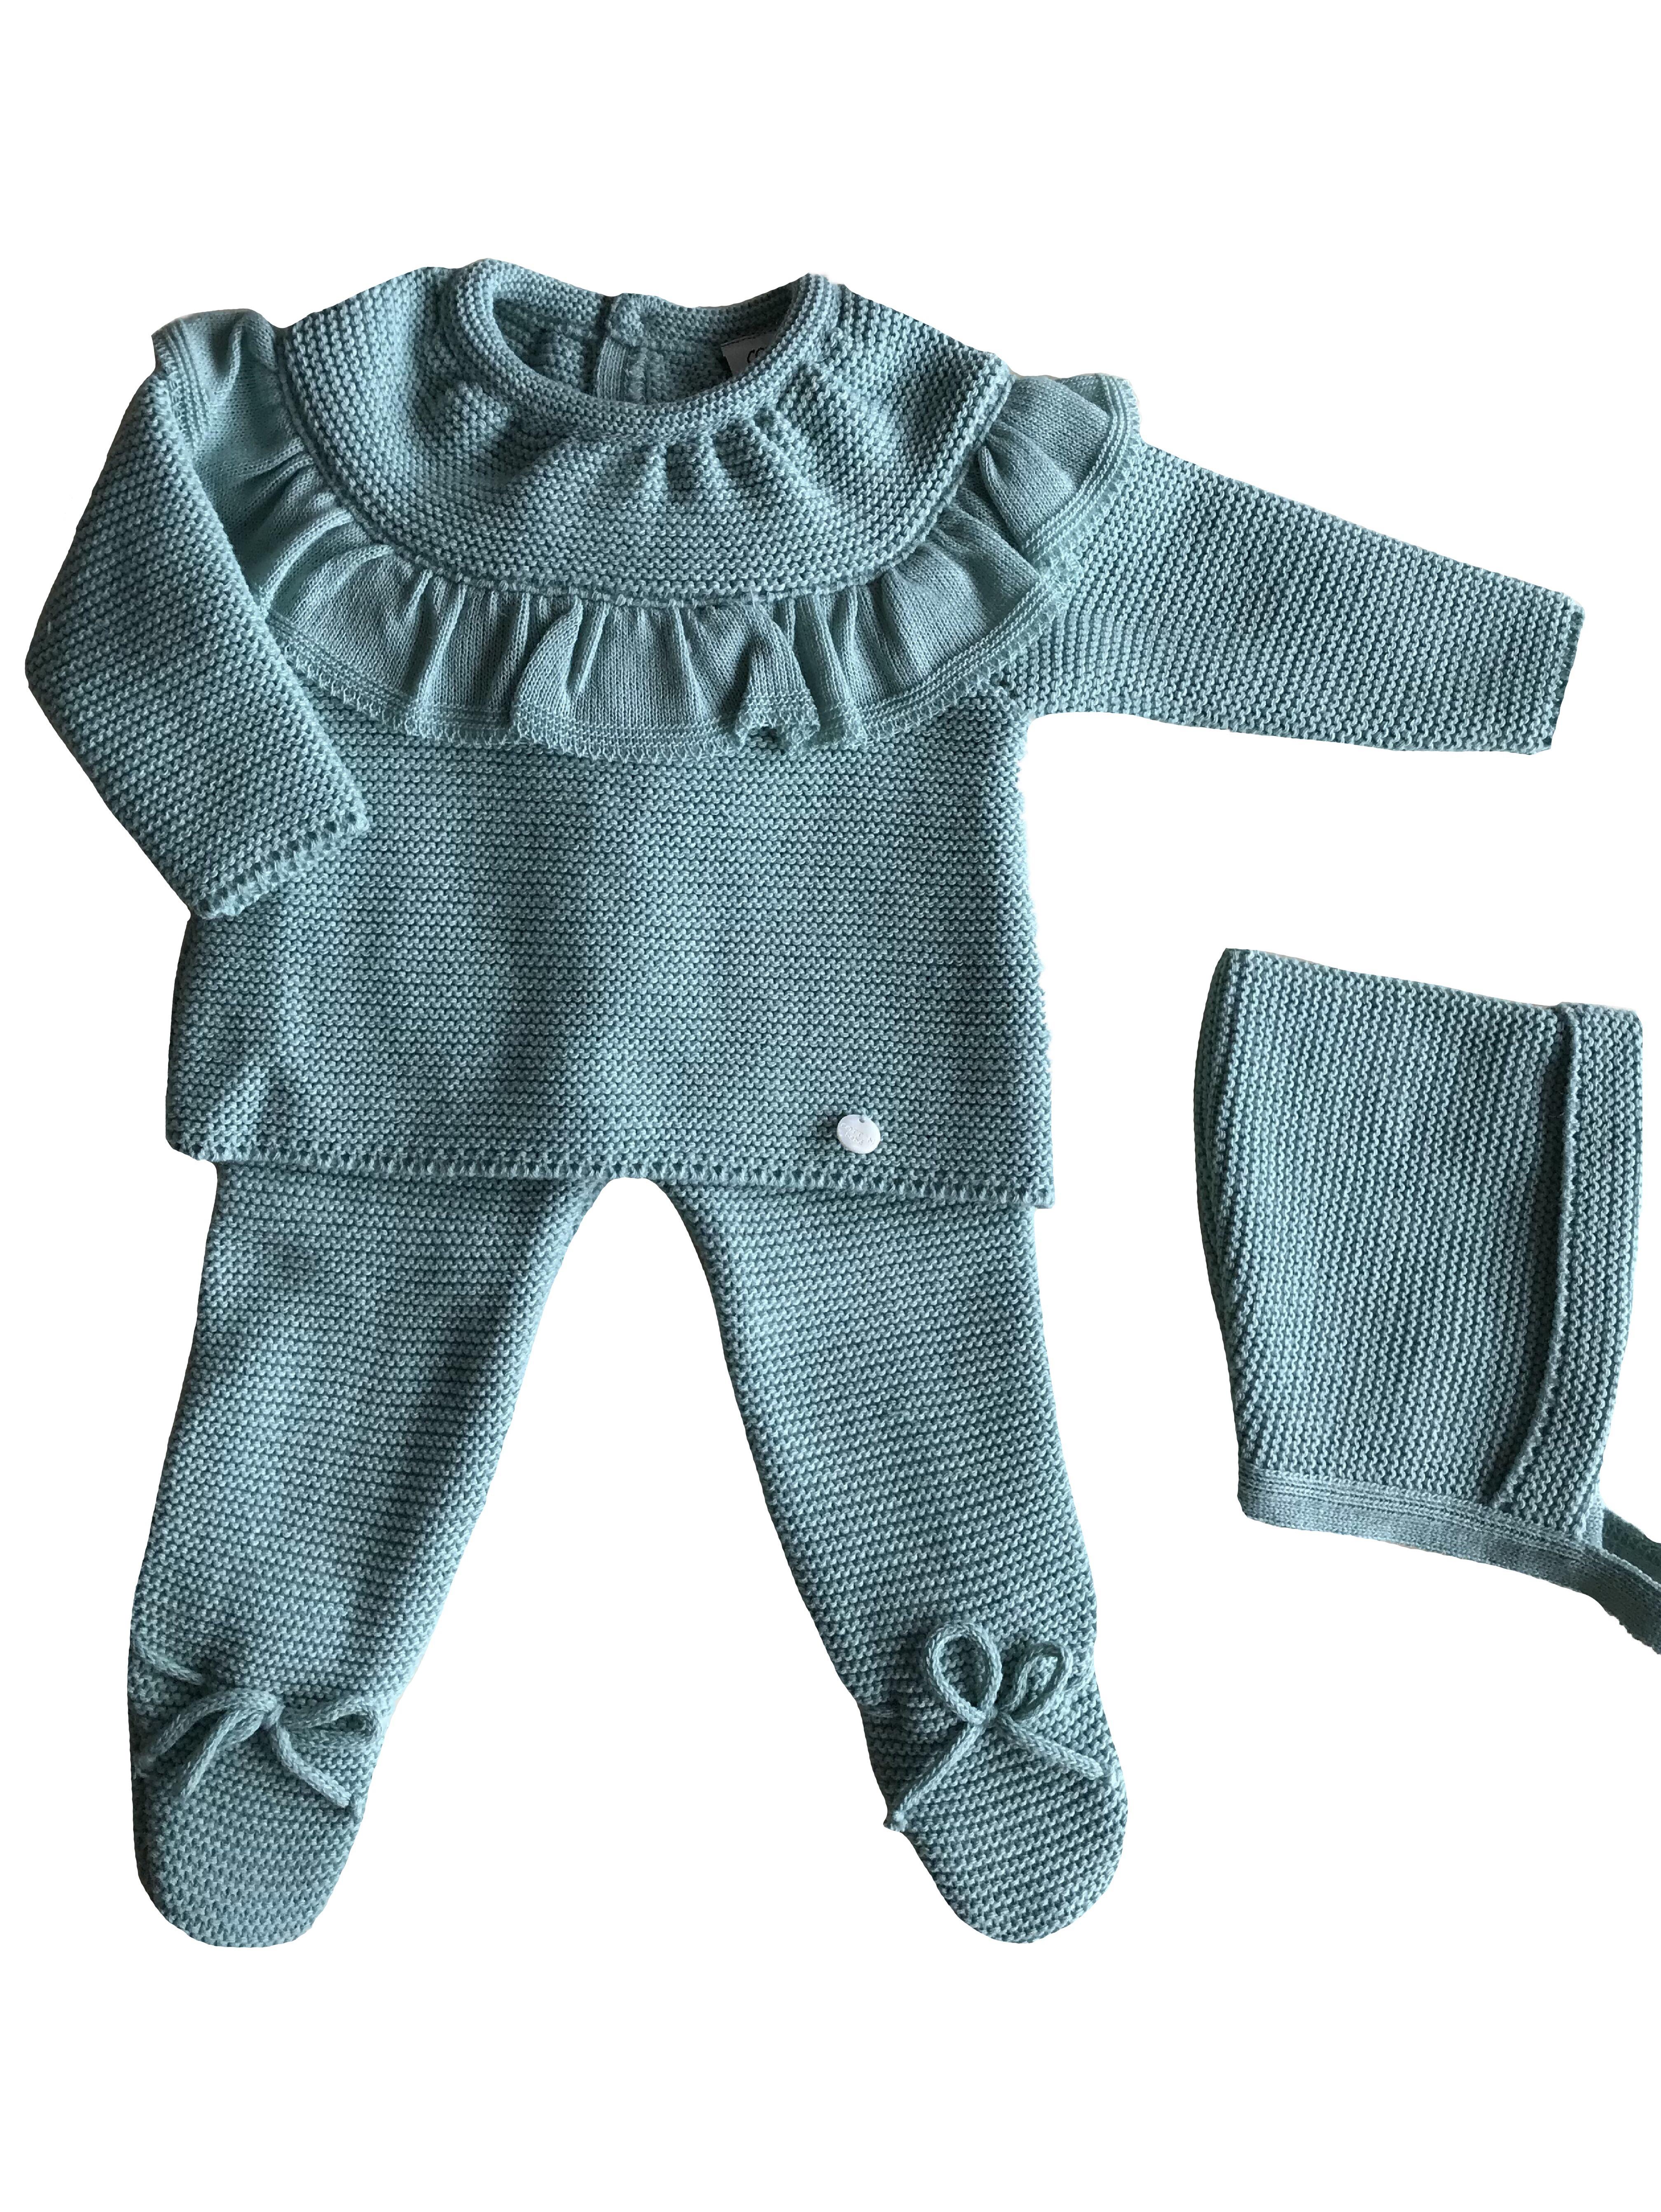 Conjunto jersey volante con polaina a juego en color verde tallas 0 3 6 meses cotton bebe - Heces color verde bebe 2 meses ...